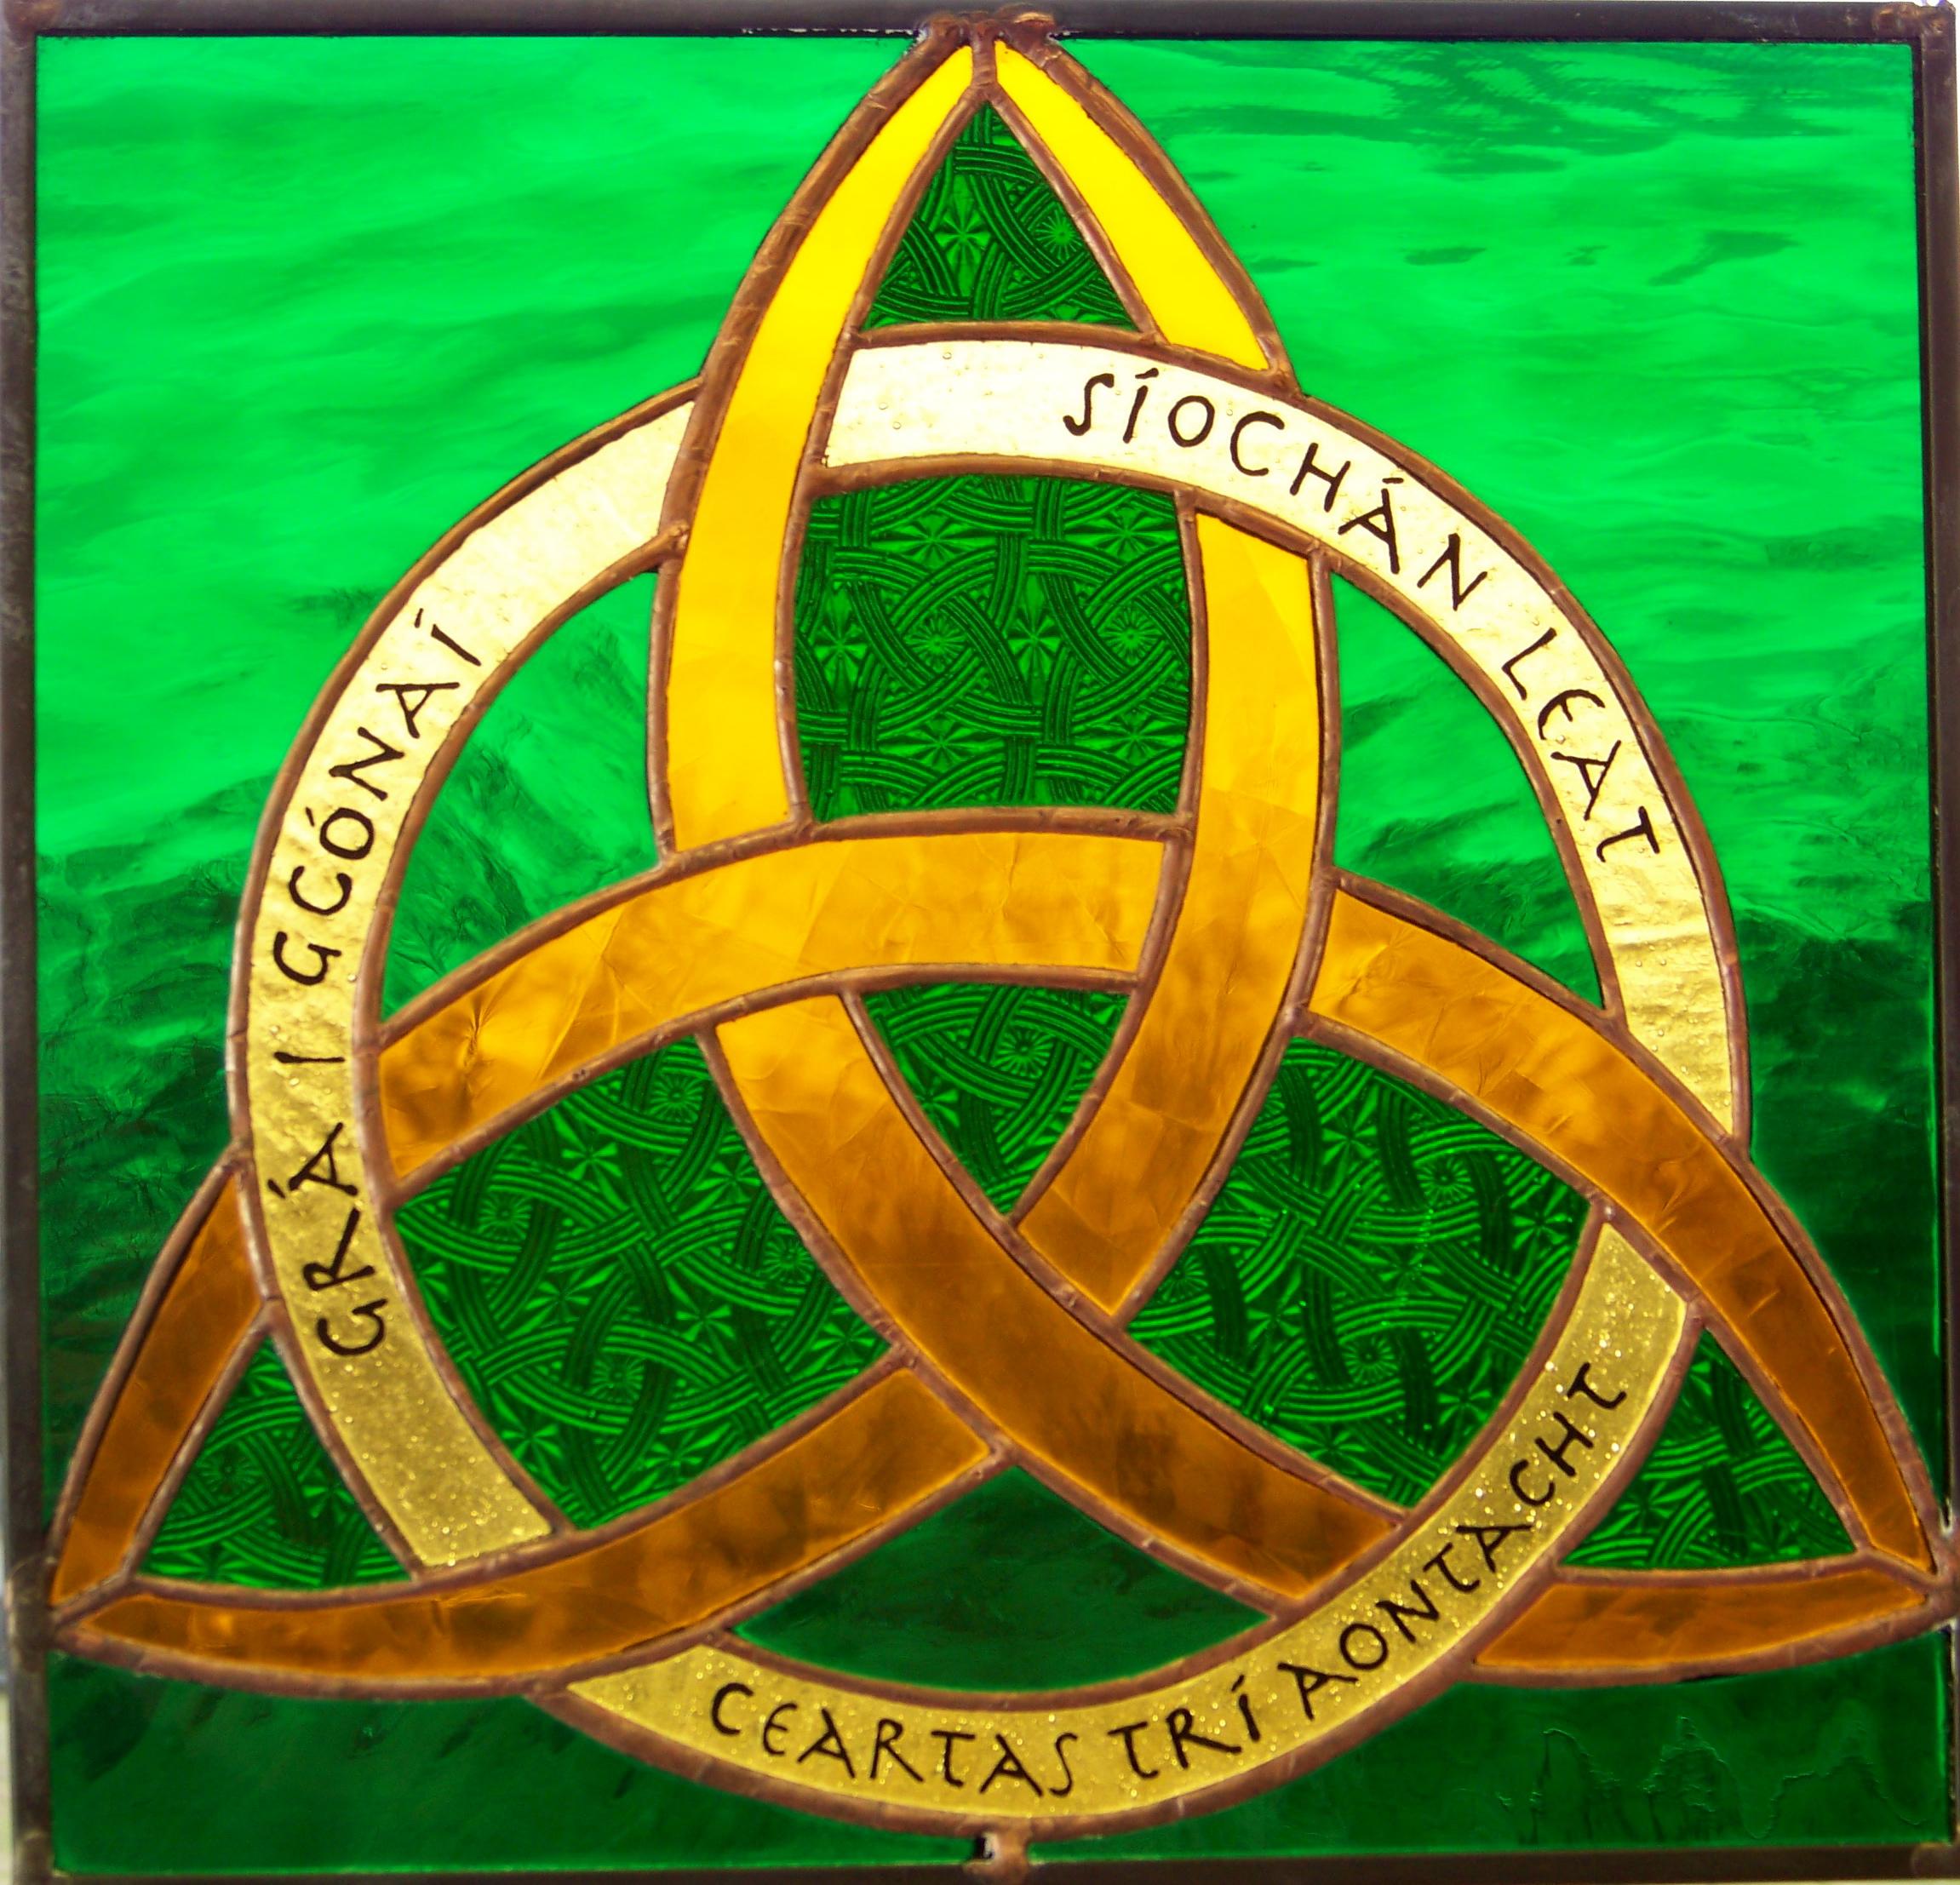 Celtic Knot Wallpapers Desktop - WallpaperSafari